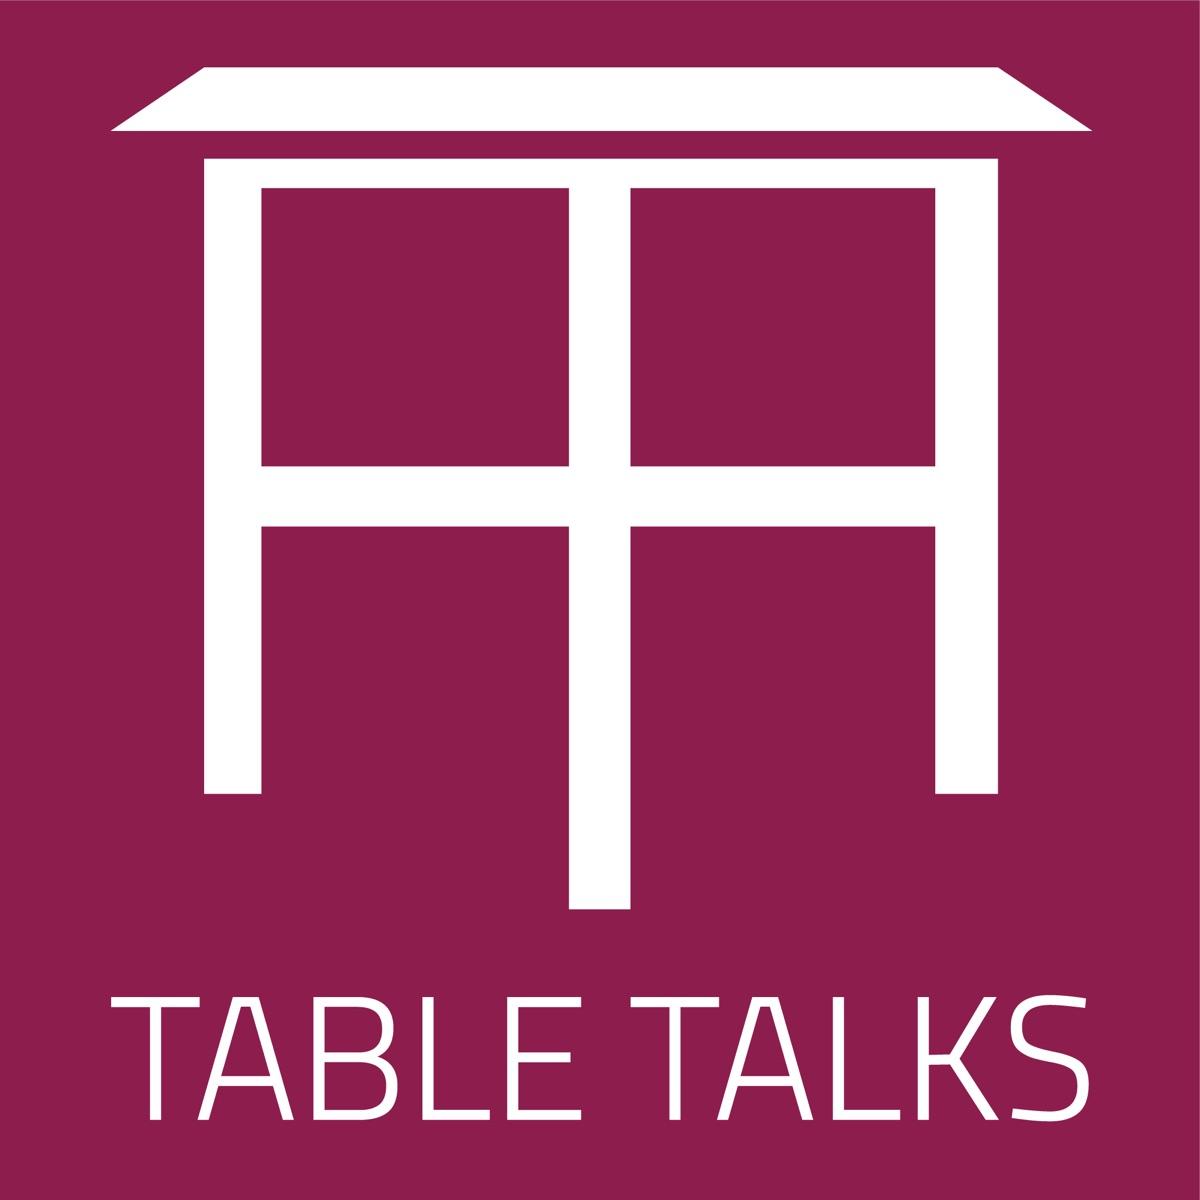 Table Talks